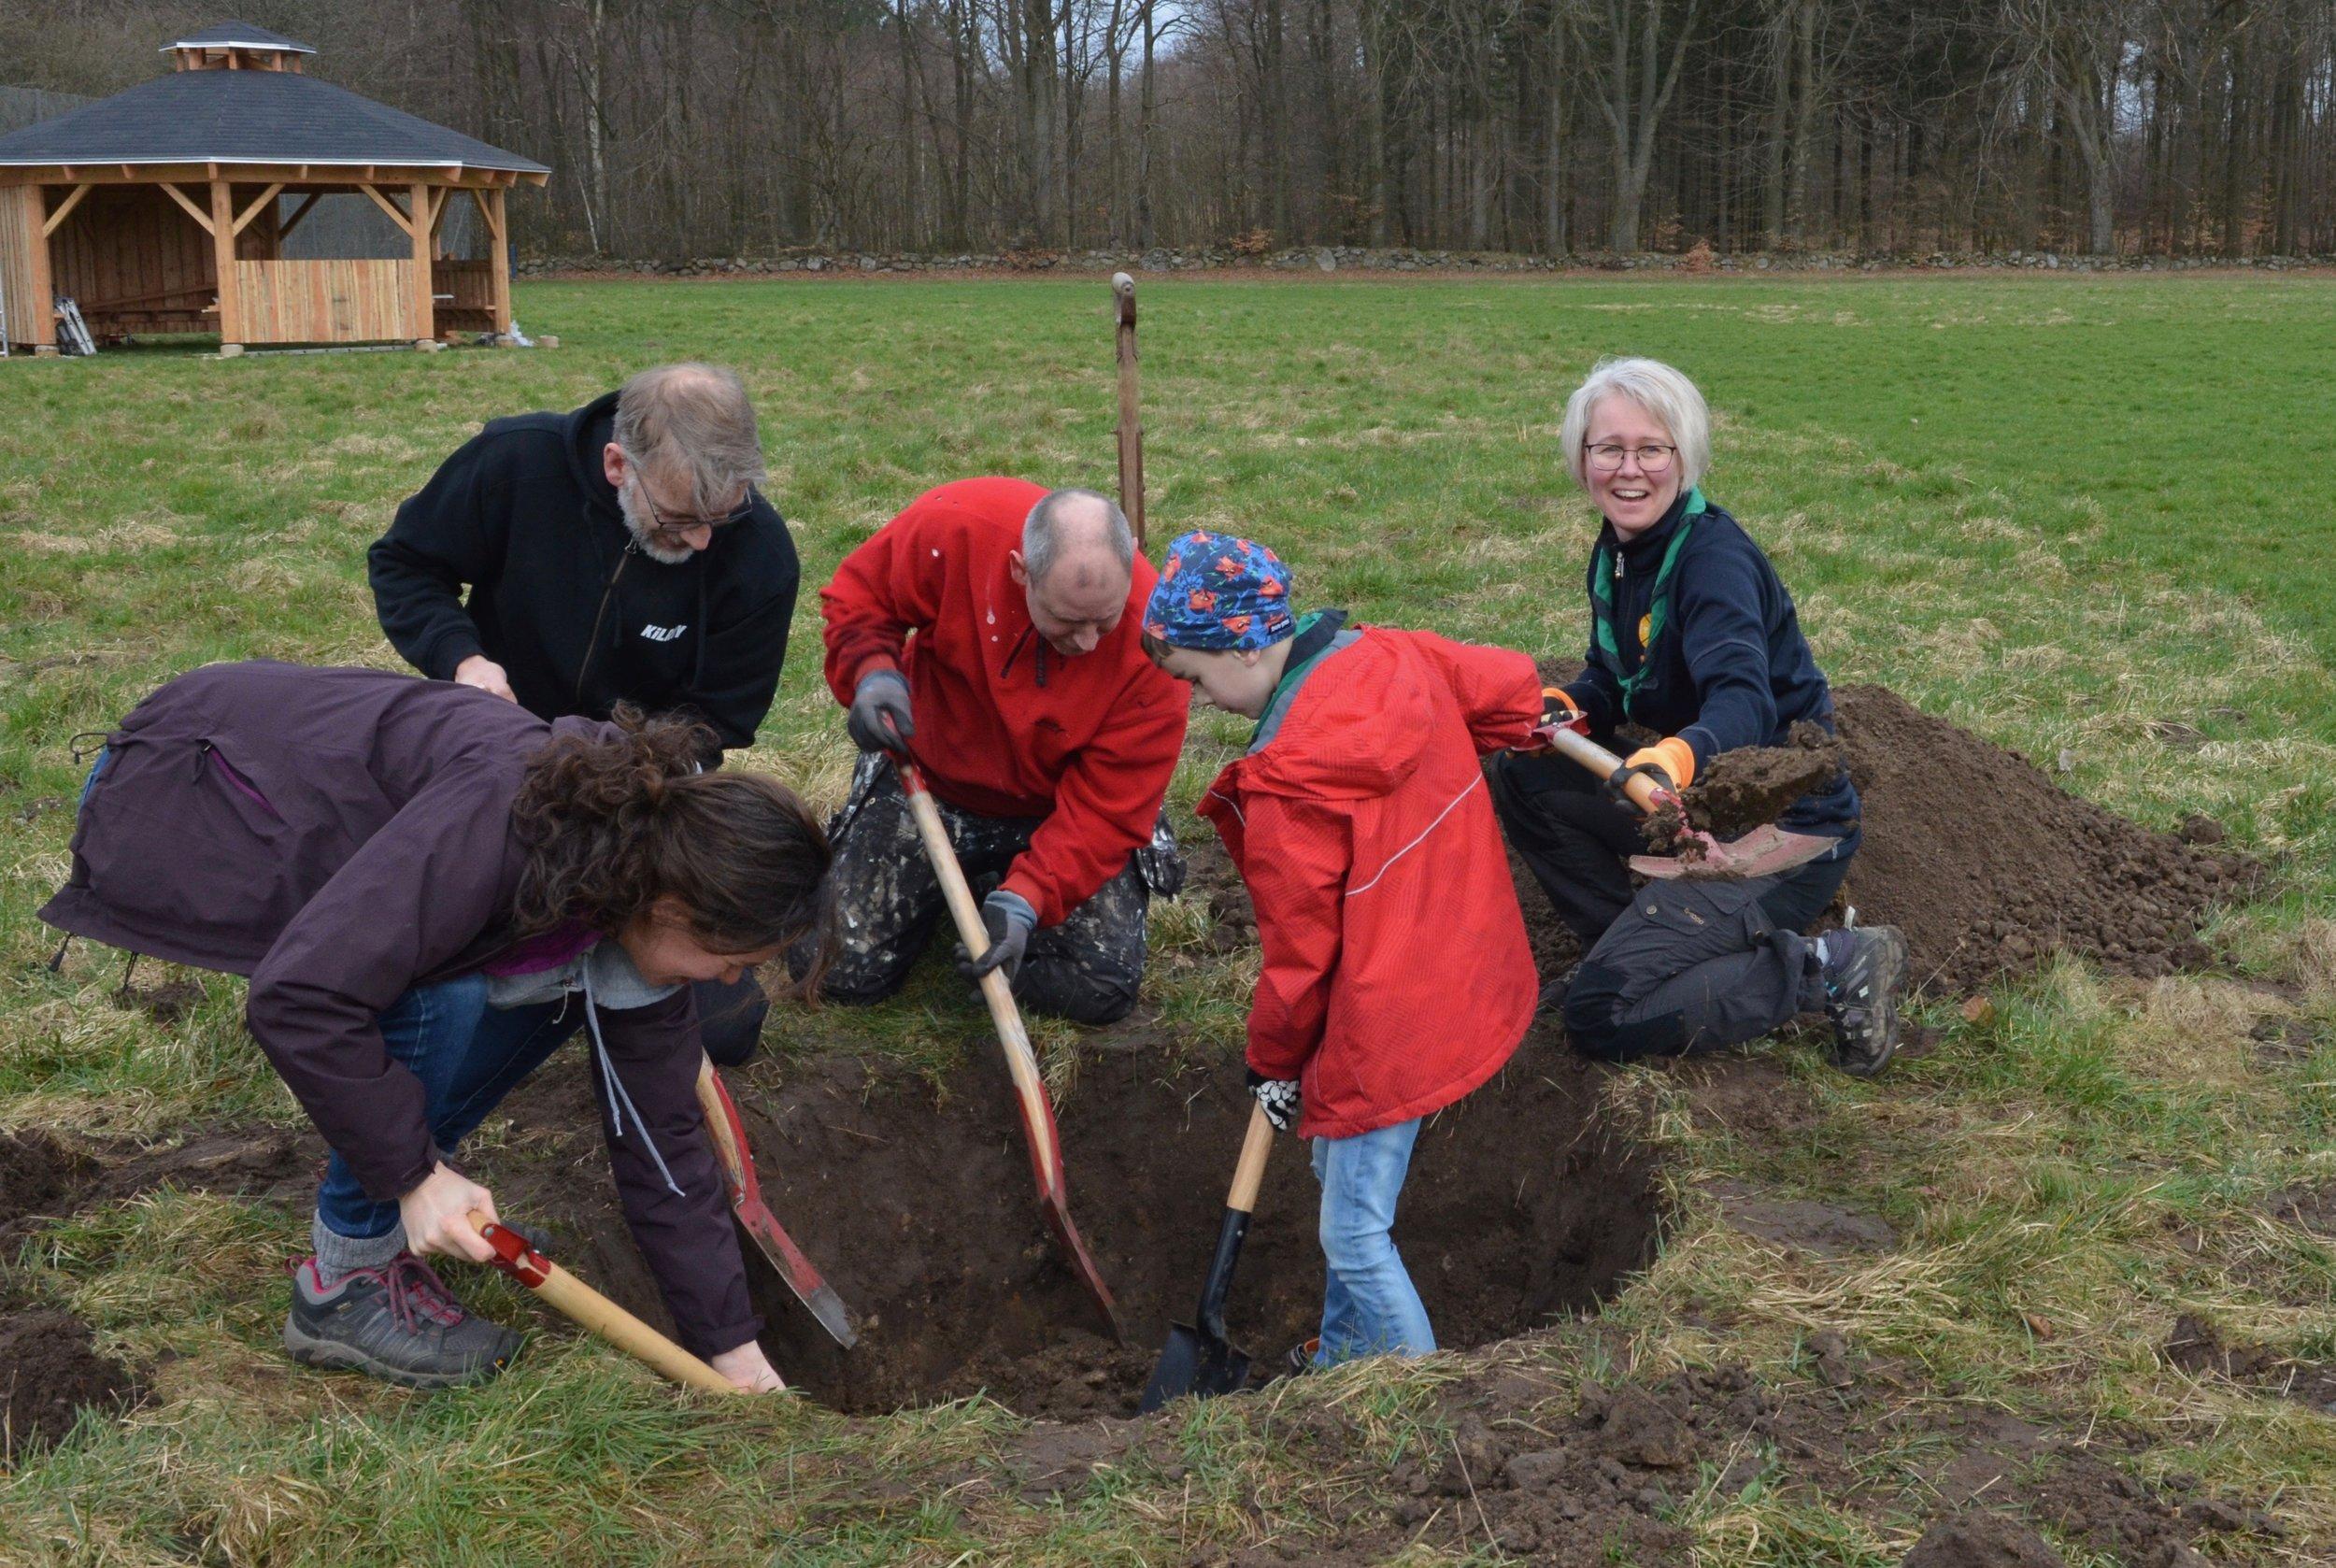 Der blev gravet rigtig meget på spejdergrunden her i formiddags - hvad mon der skal ske? Foto: AOB